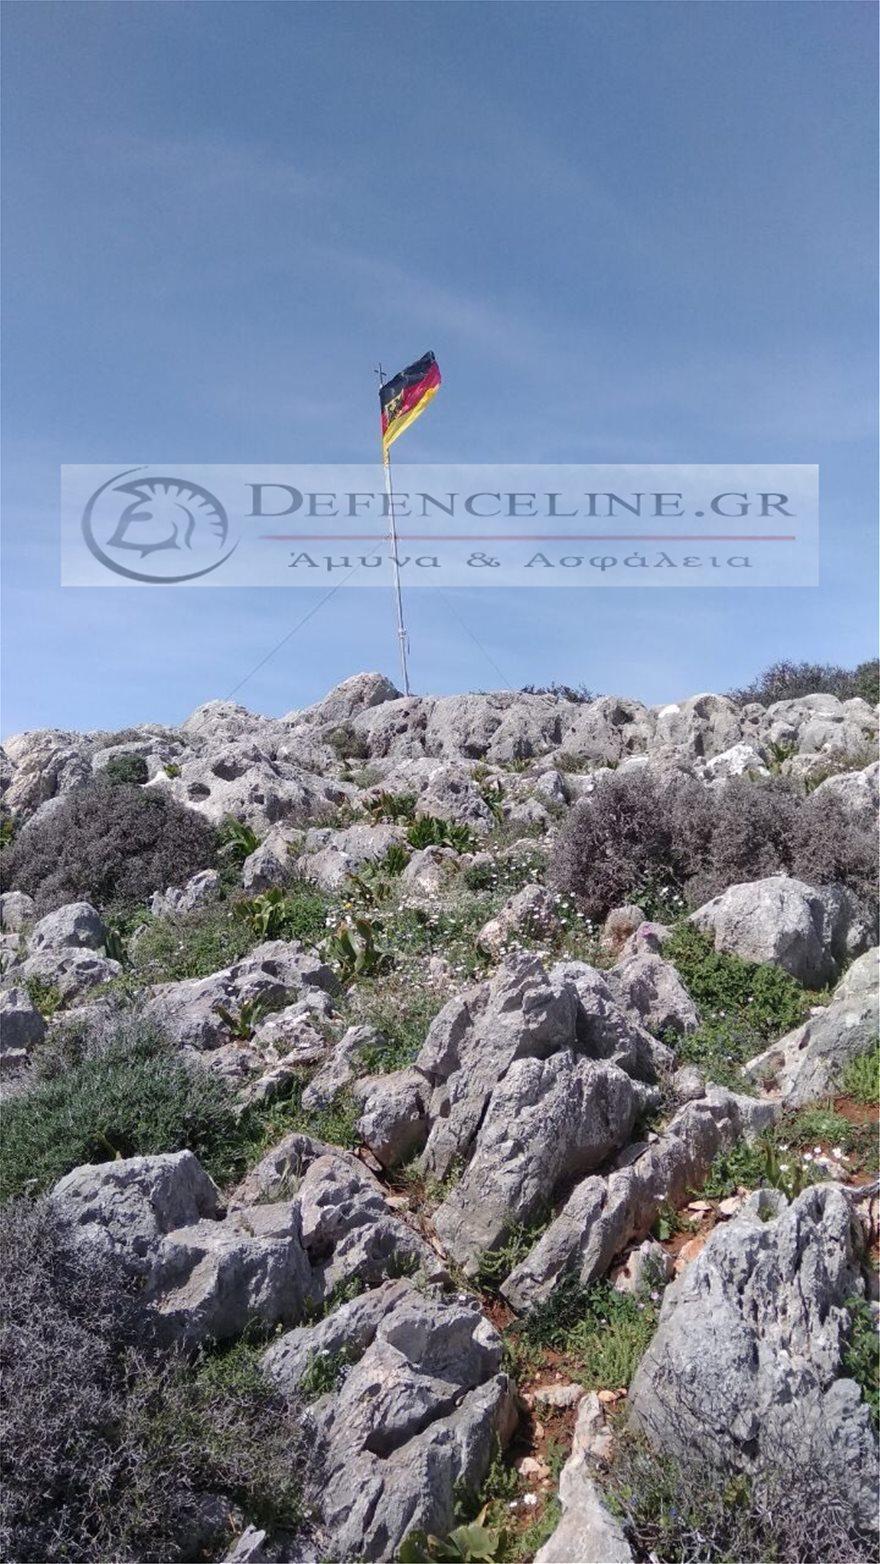 defenceline1